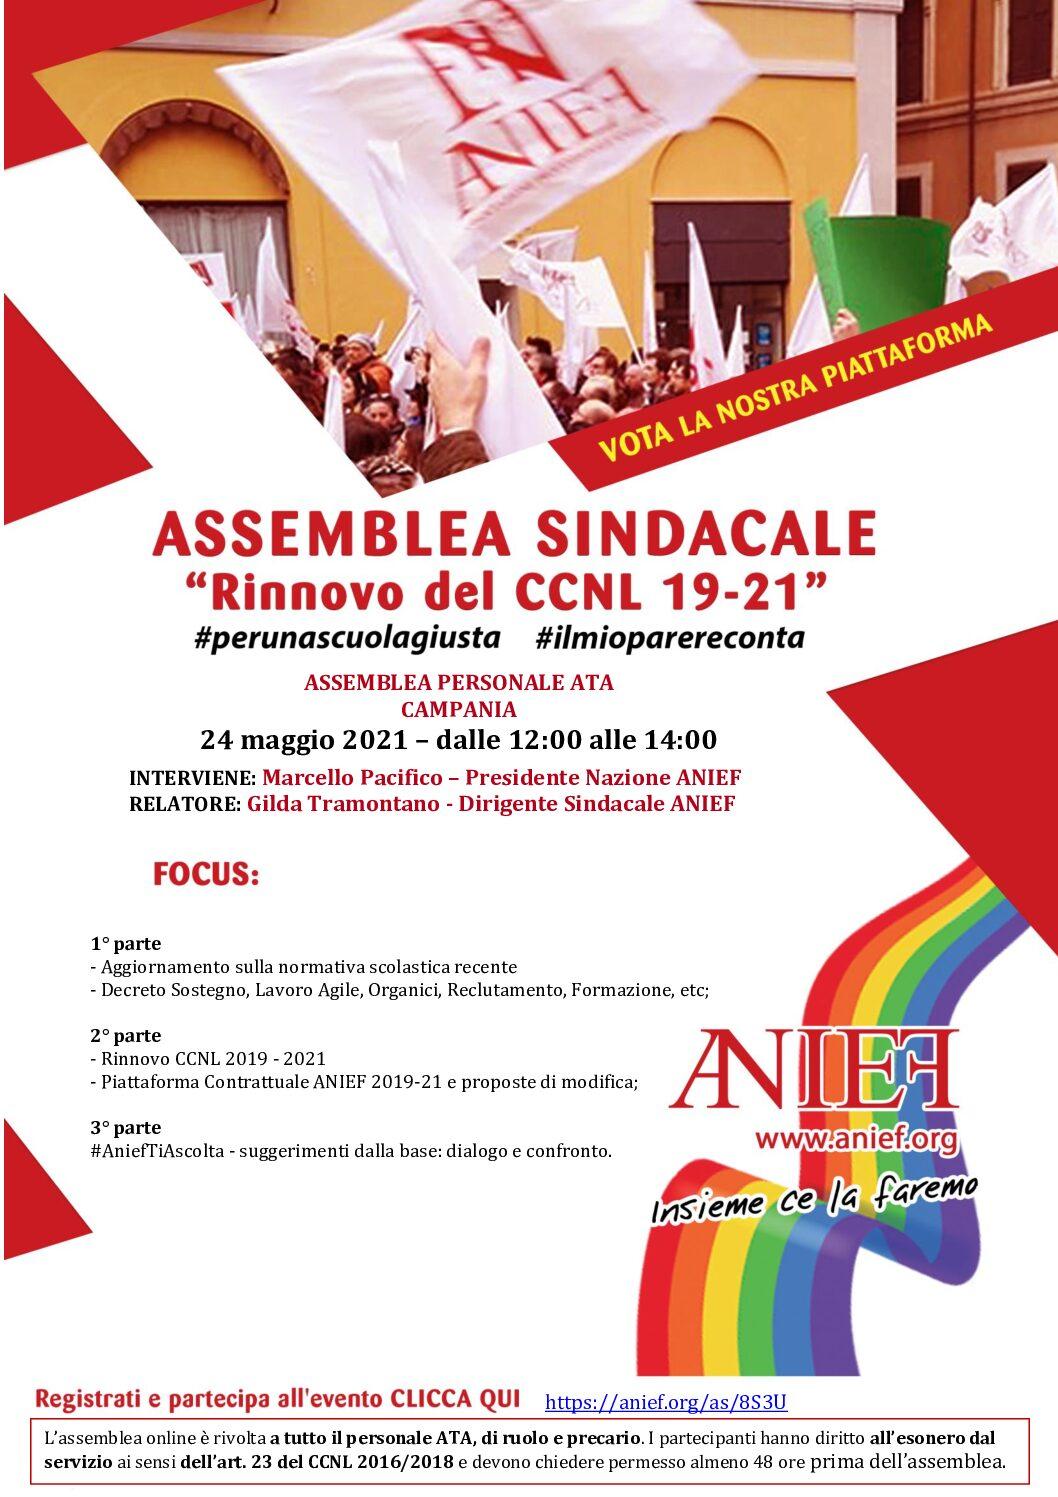 Convocazione USR assemblea personale ATA Campania 24-05-2021